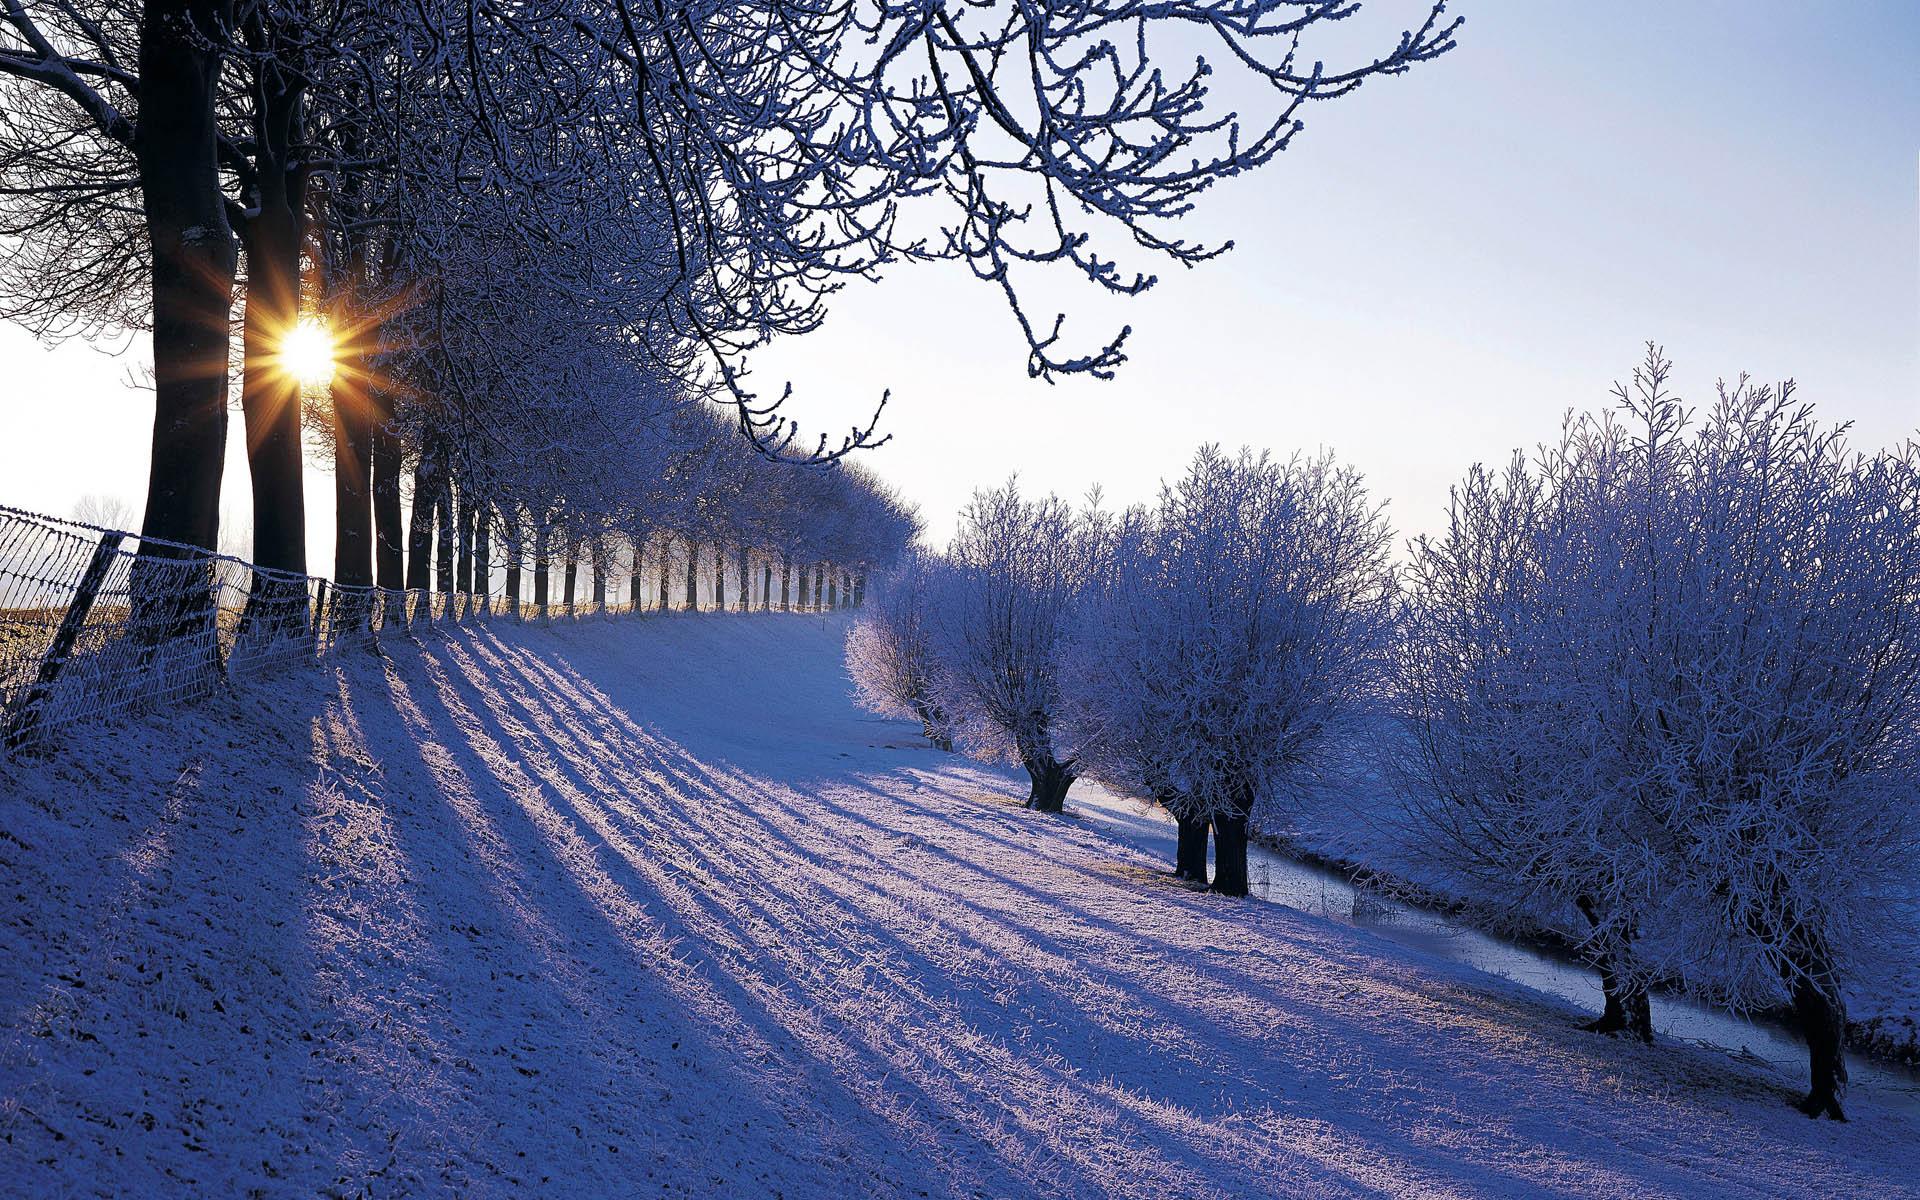 картинки снега в городе высокое качество вот отношениях